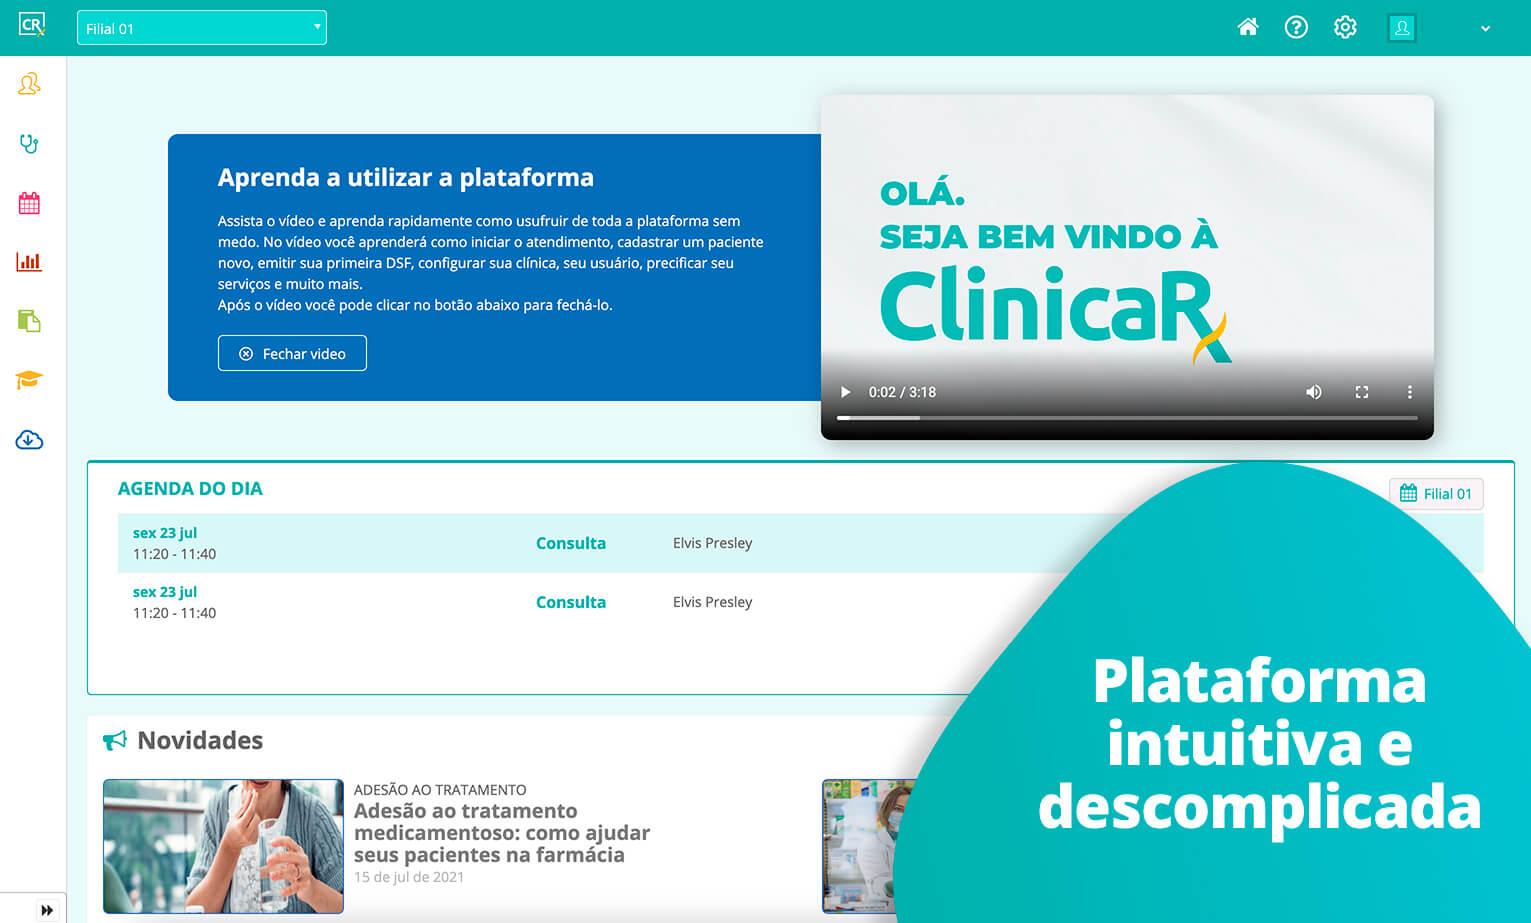 clinicarx-plataforma-intuitiva